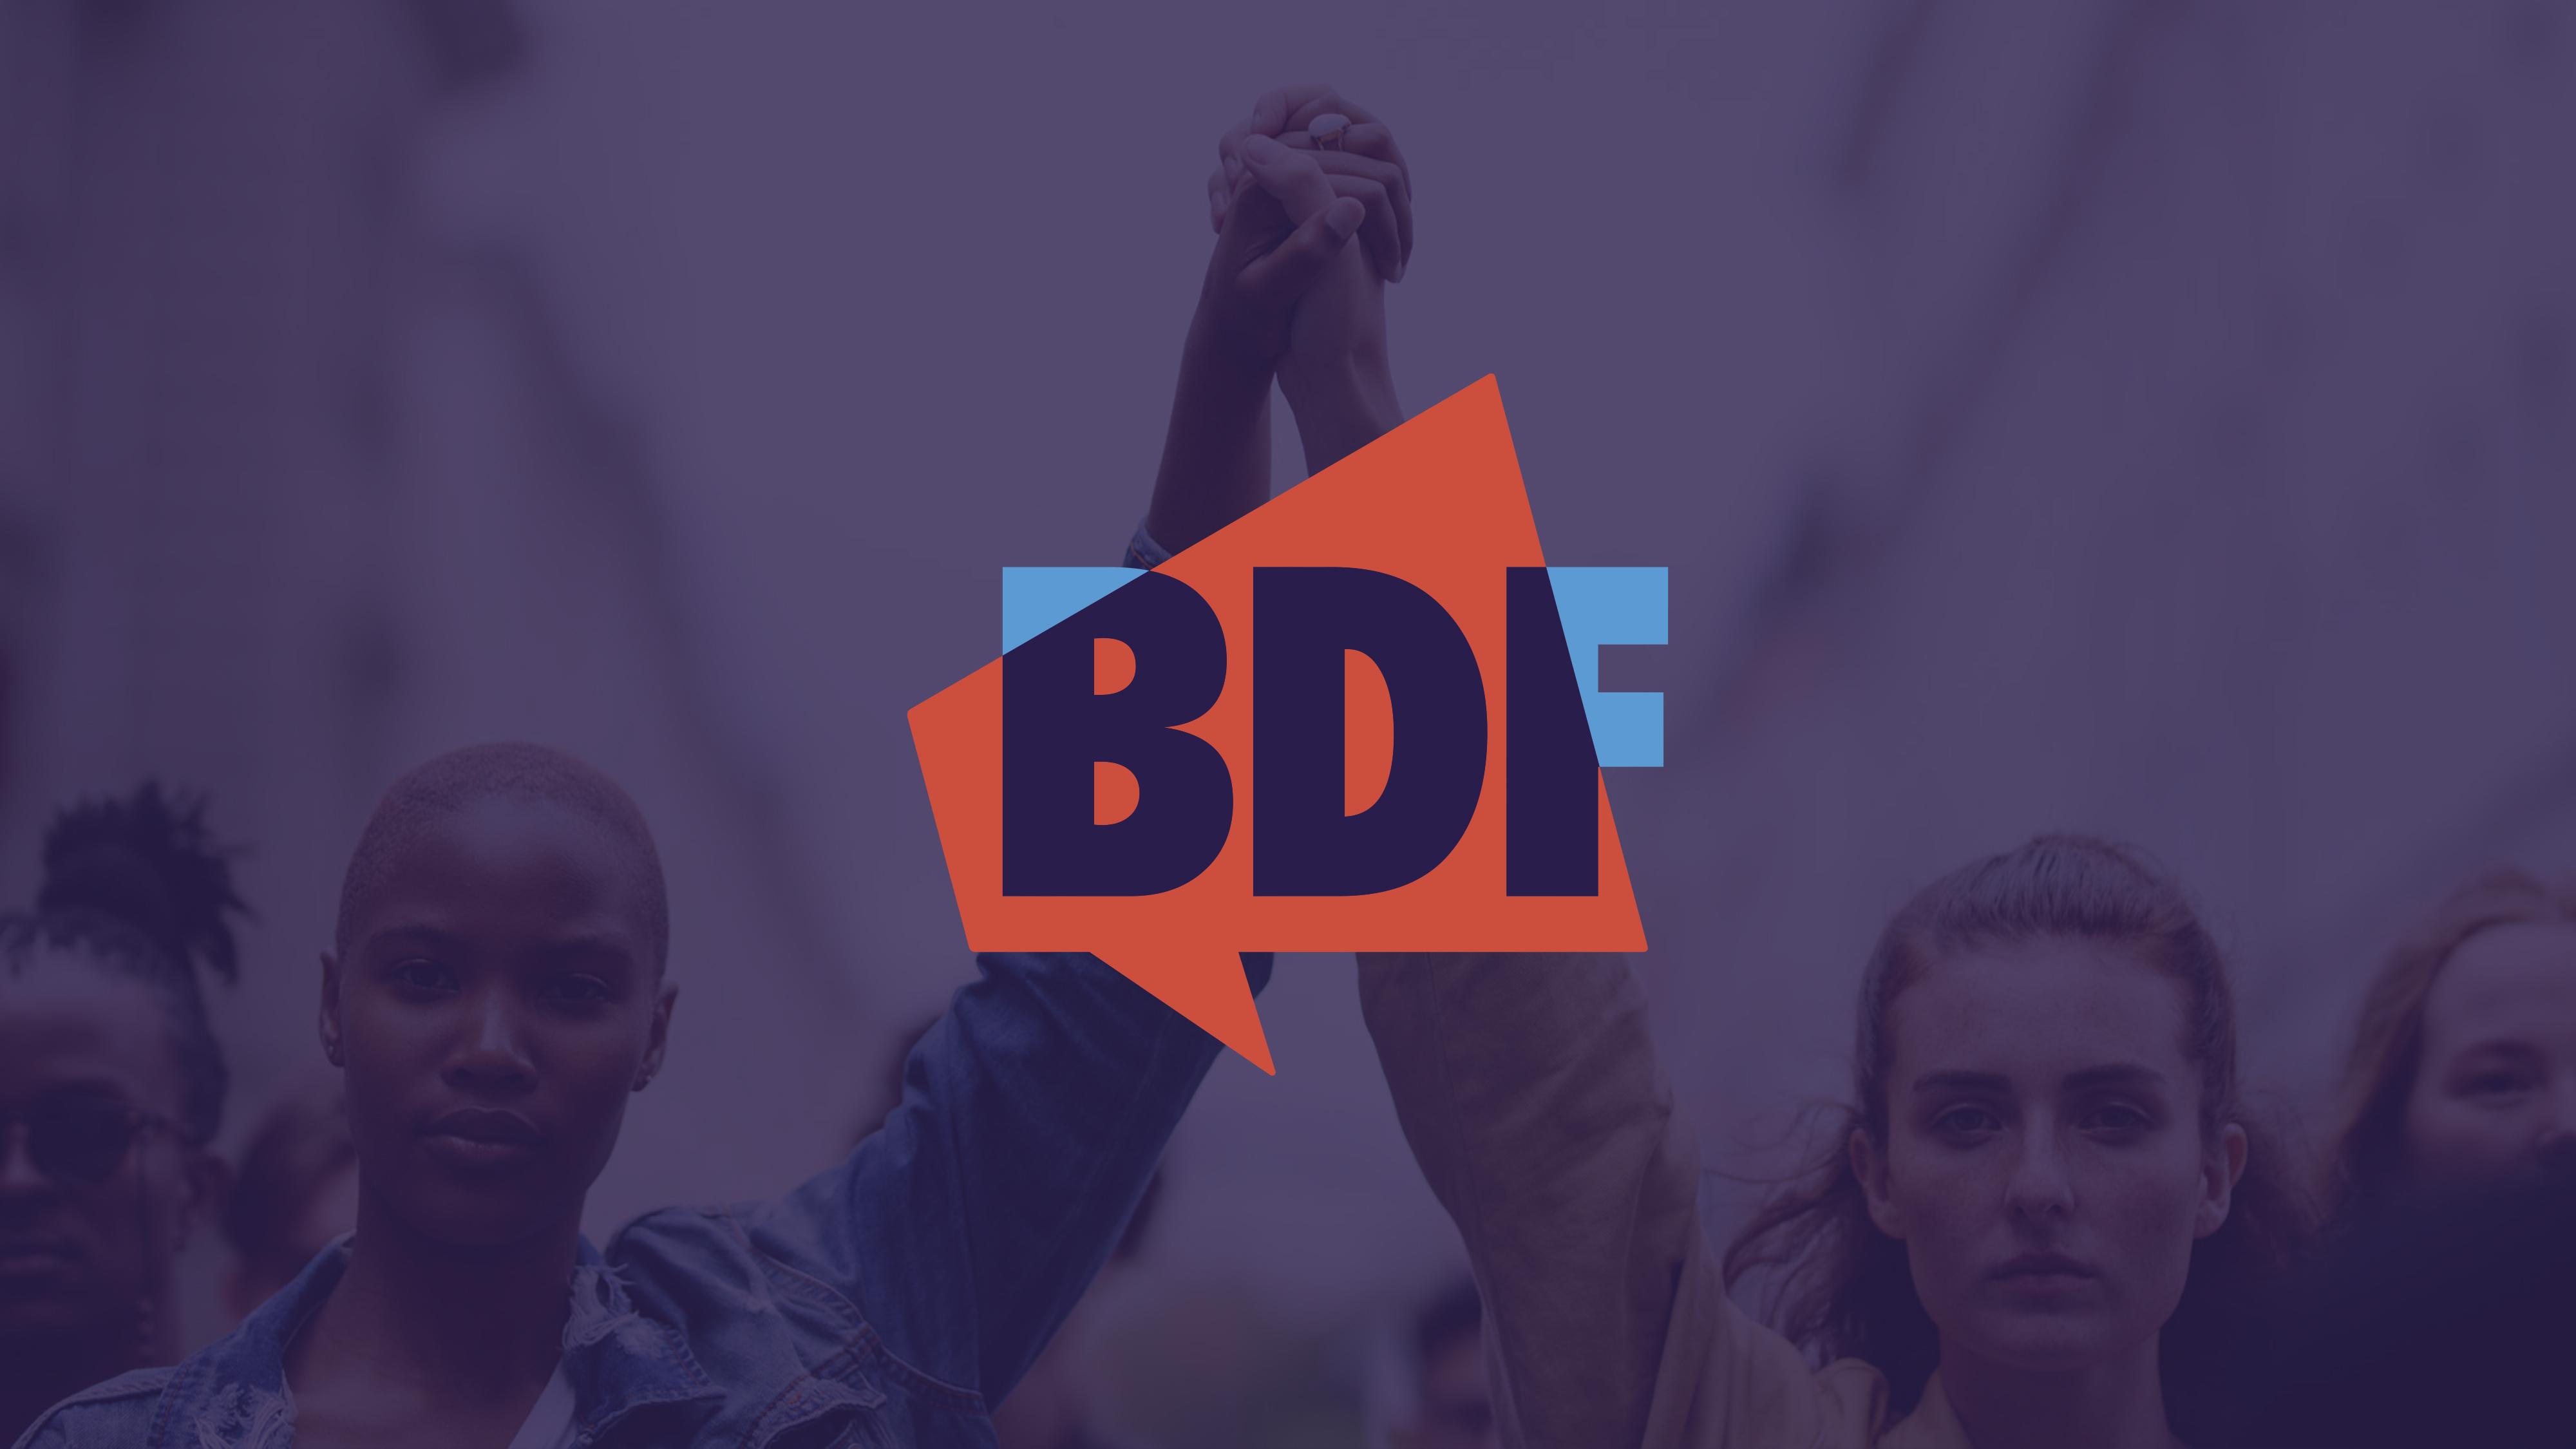 Battle for Democracy Fund Brand